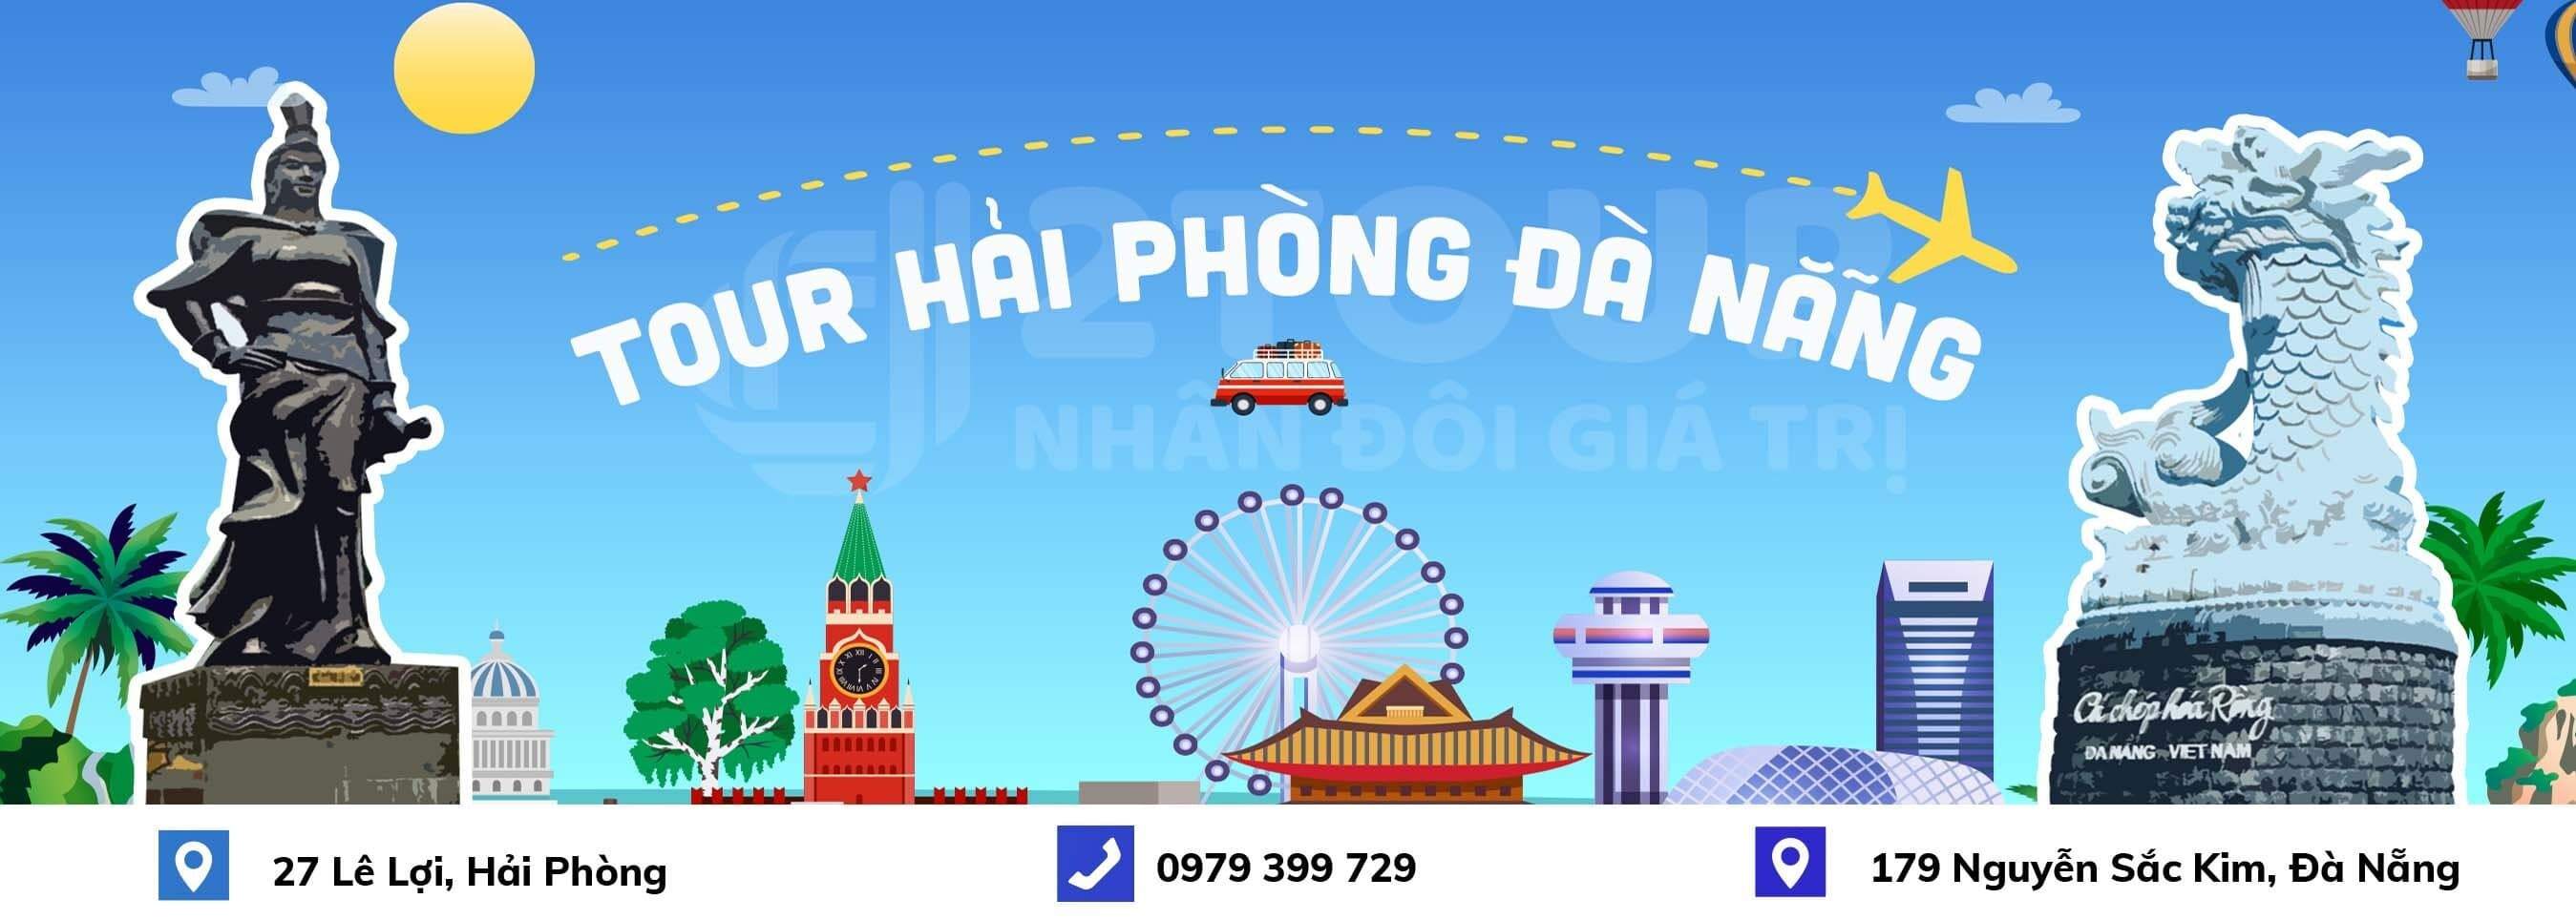 Du lịch Hải Phòng Đà Nẵng